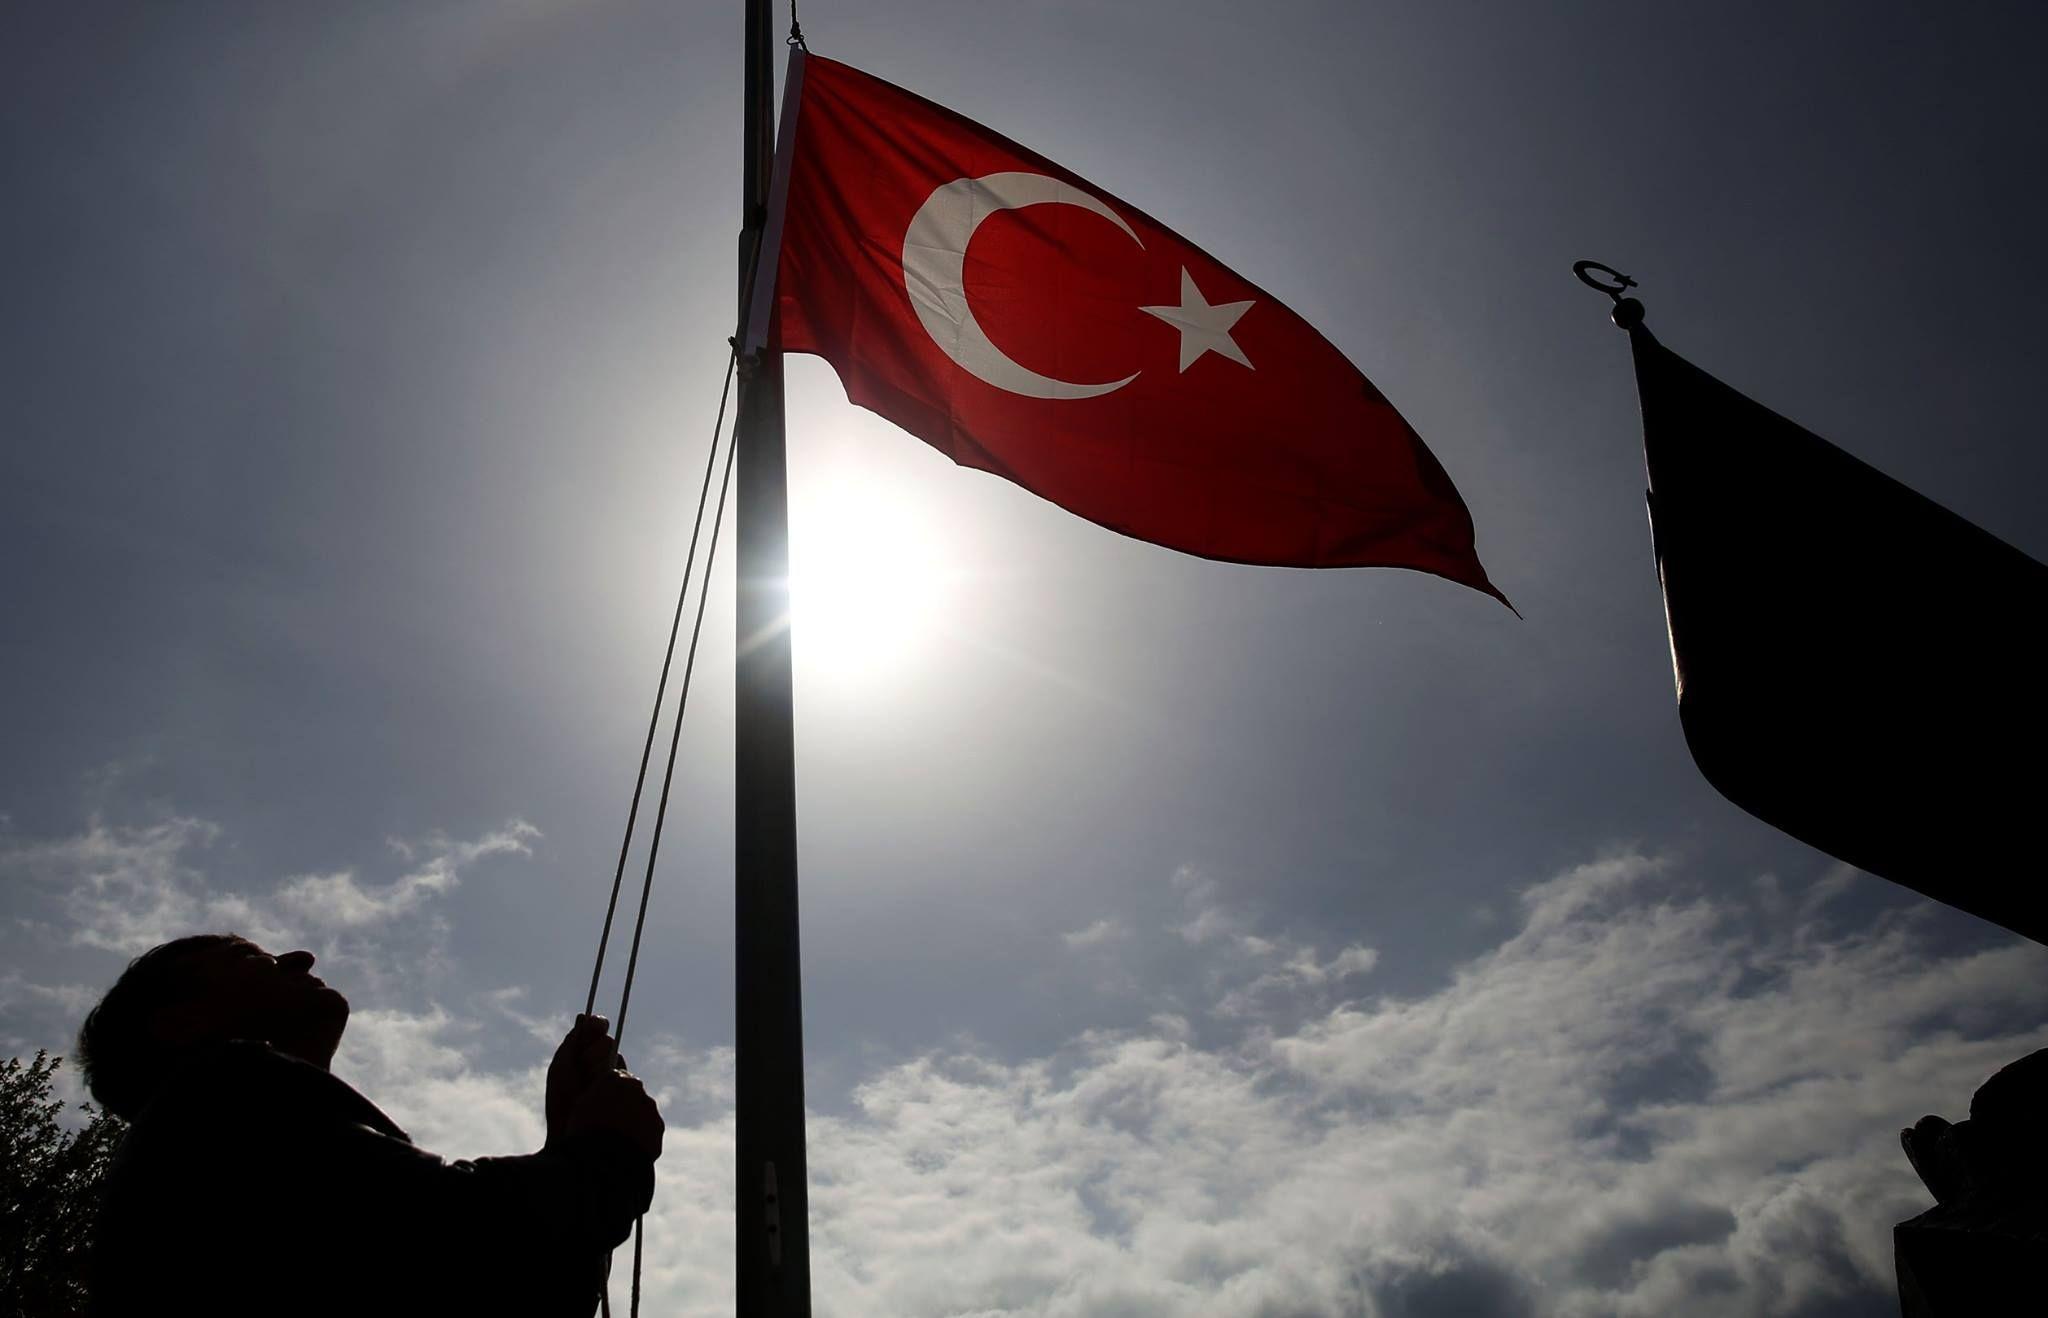 Gelibolu yarımadası, Şehitleri Anma Günü ve Çanakkale Deniz Zaferi'nin 101. yılı dolayısıyla yarın yapılacak törenler için Türk bayraklarıyla donatıldı.